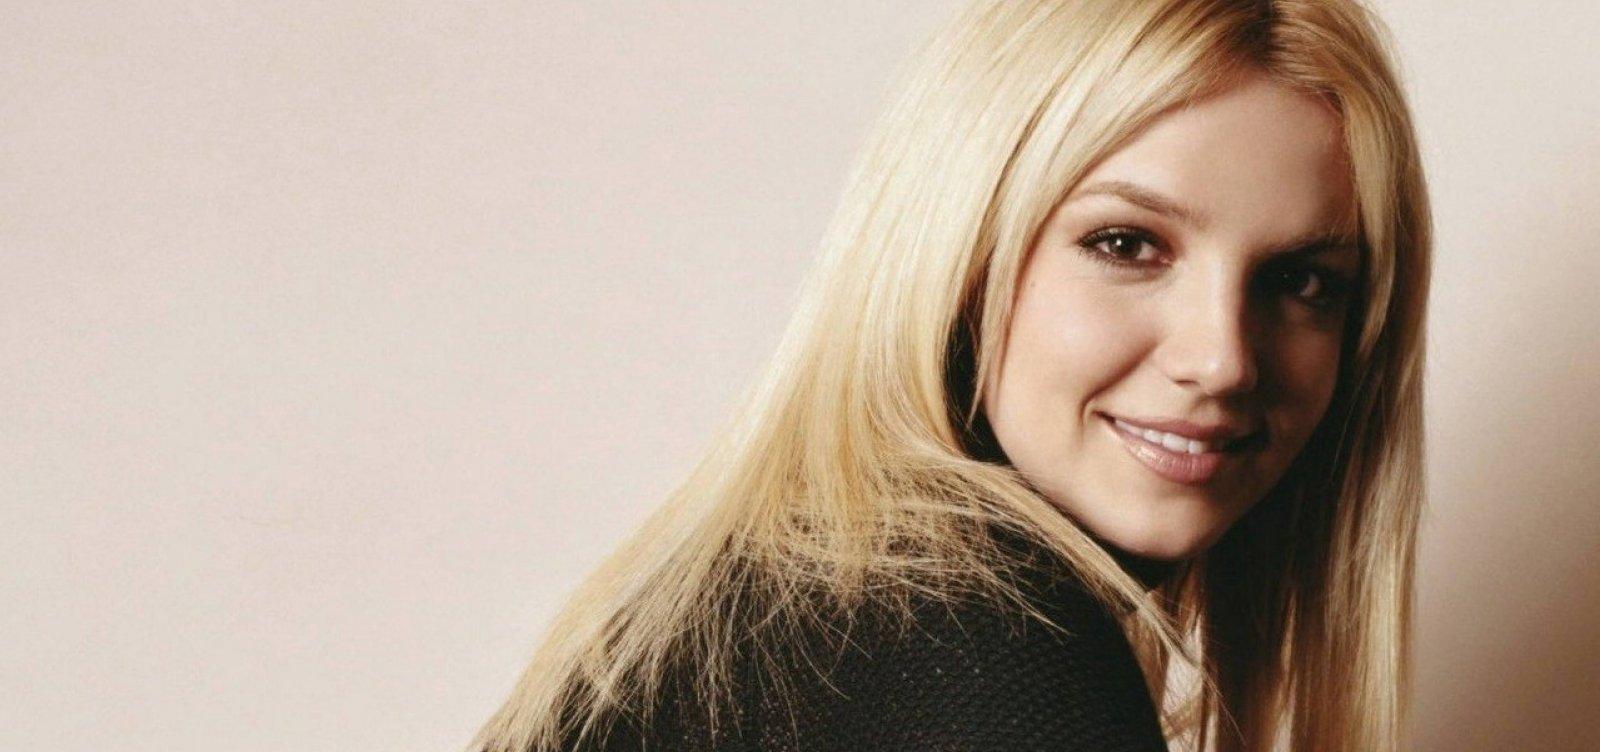 Britney Spears é internada em clínica de saúde mental, diz site